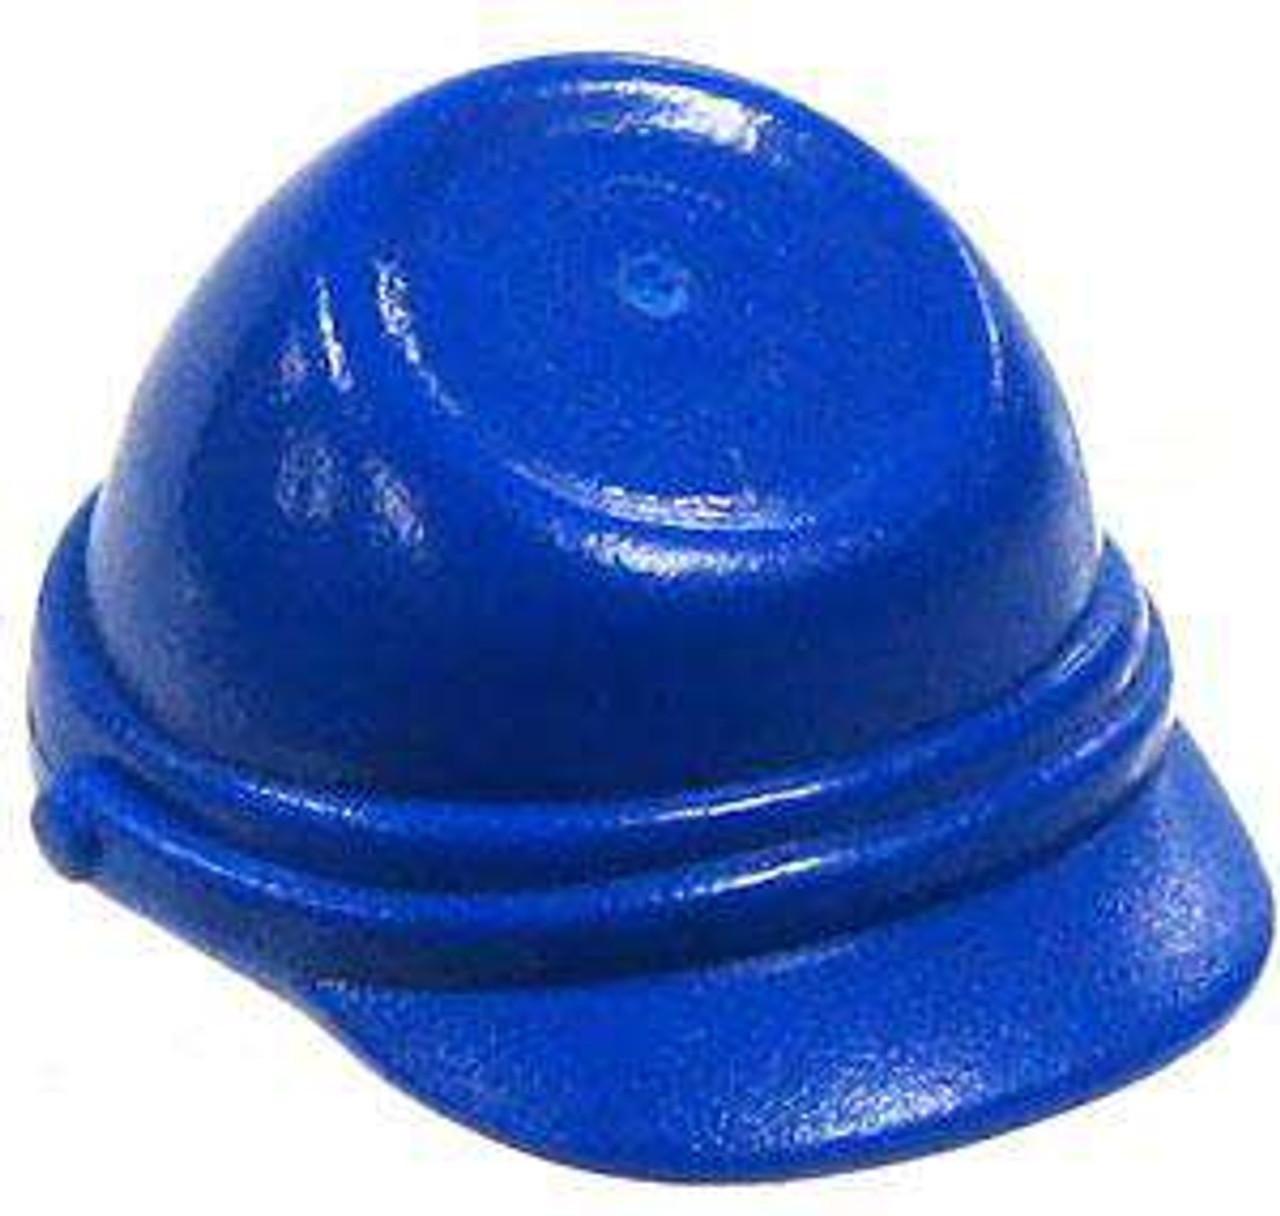 LEGO Minifigure Parts Blue Kepi Cap Minifigure Accessory [Loose]